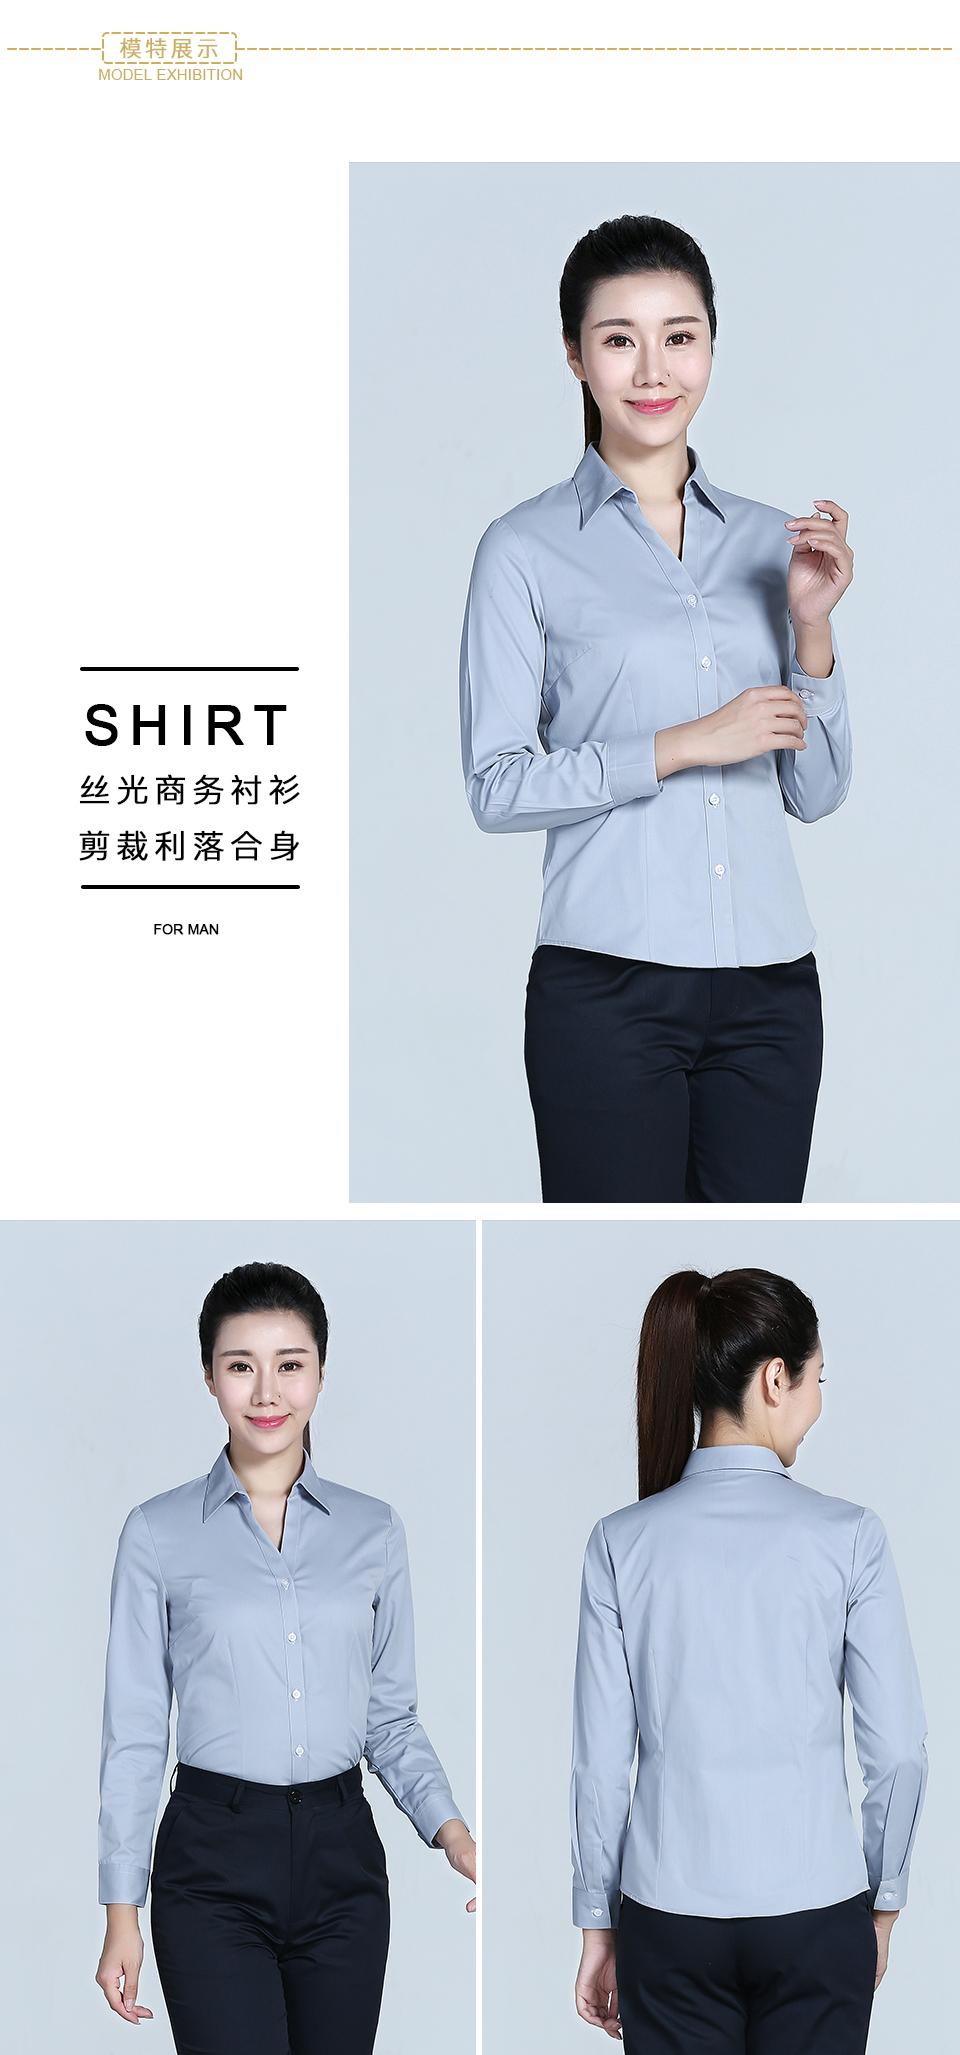 新款浅灰V领长袖衬衫